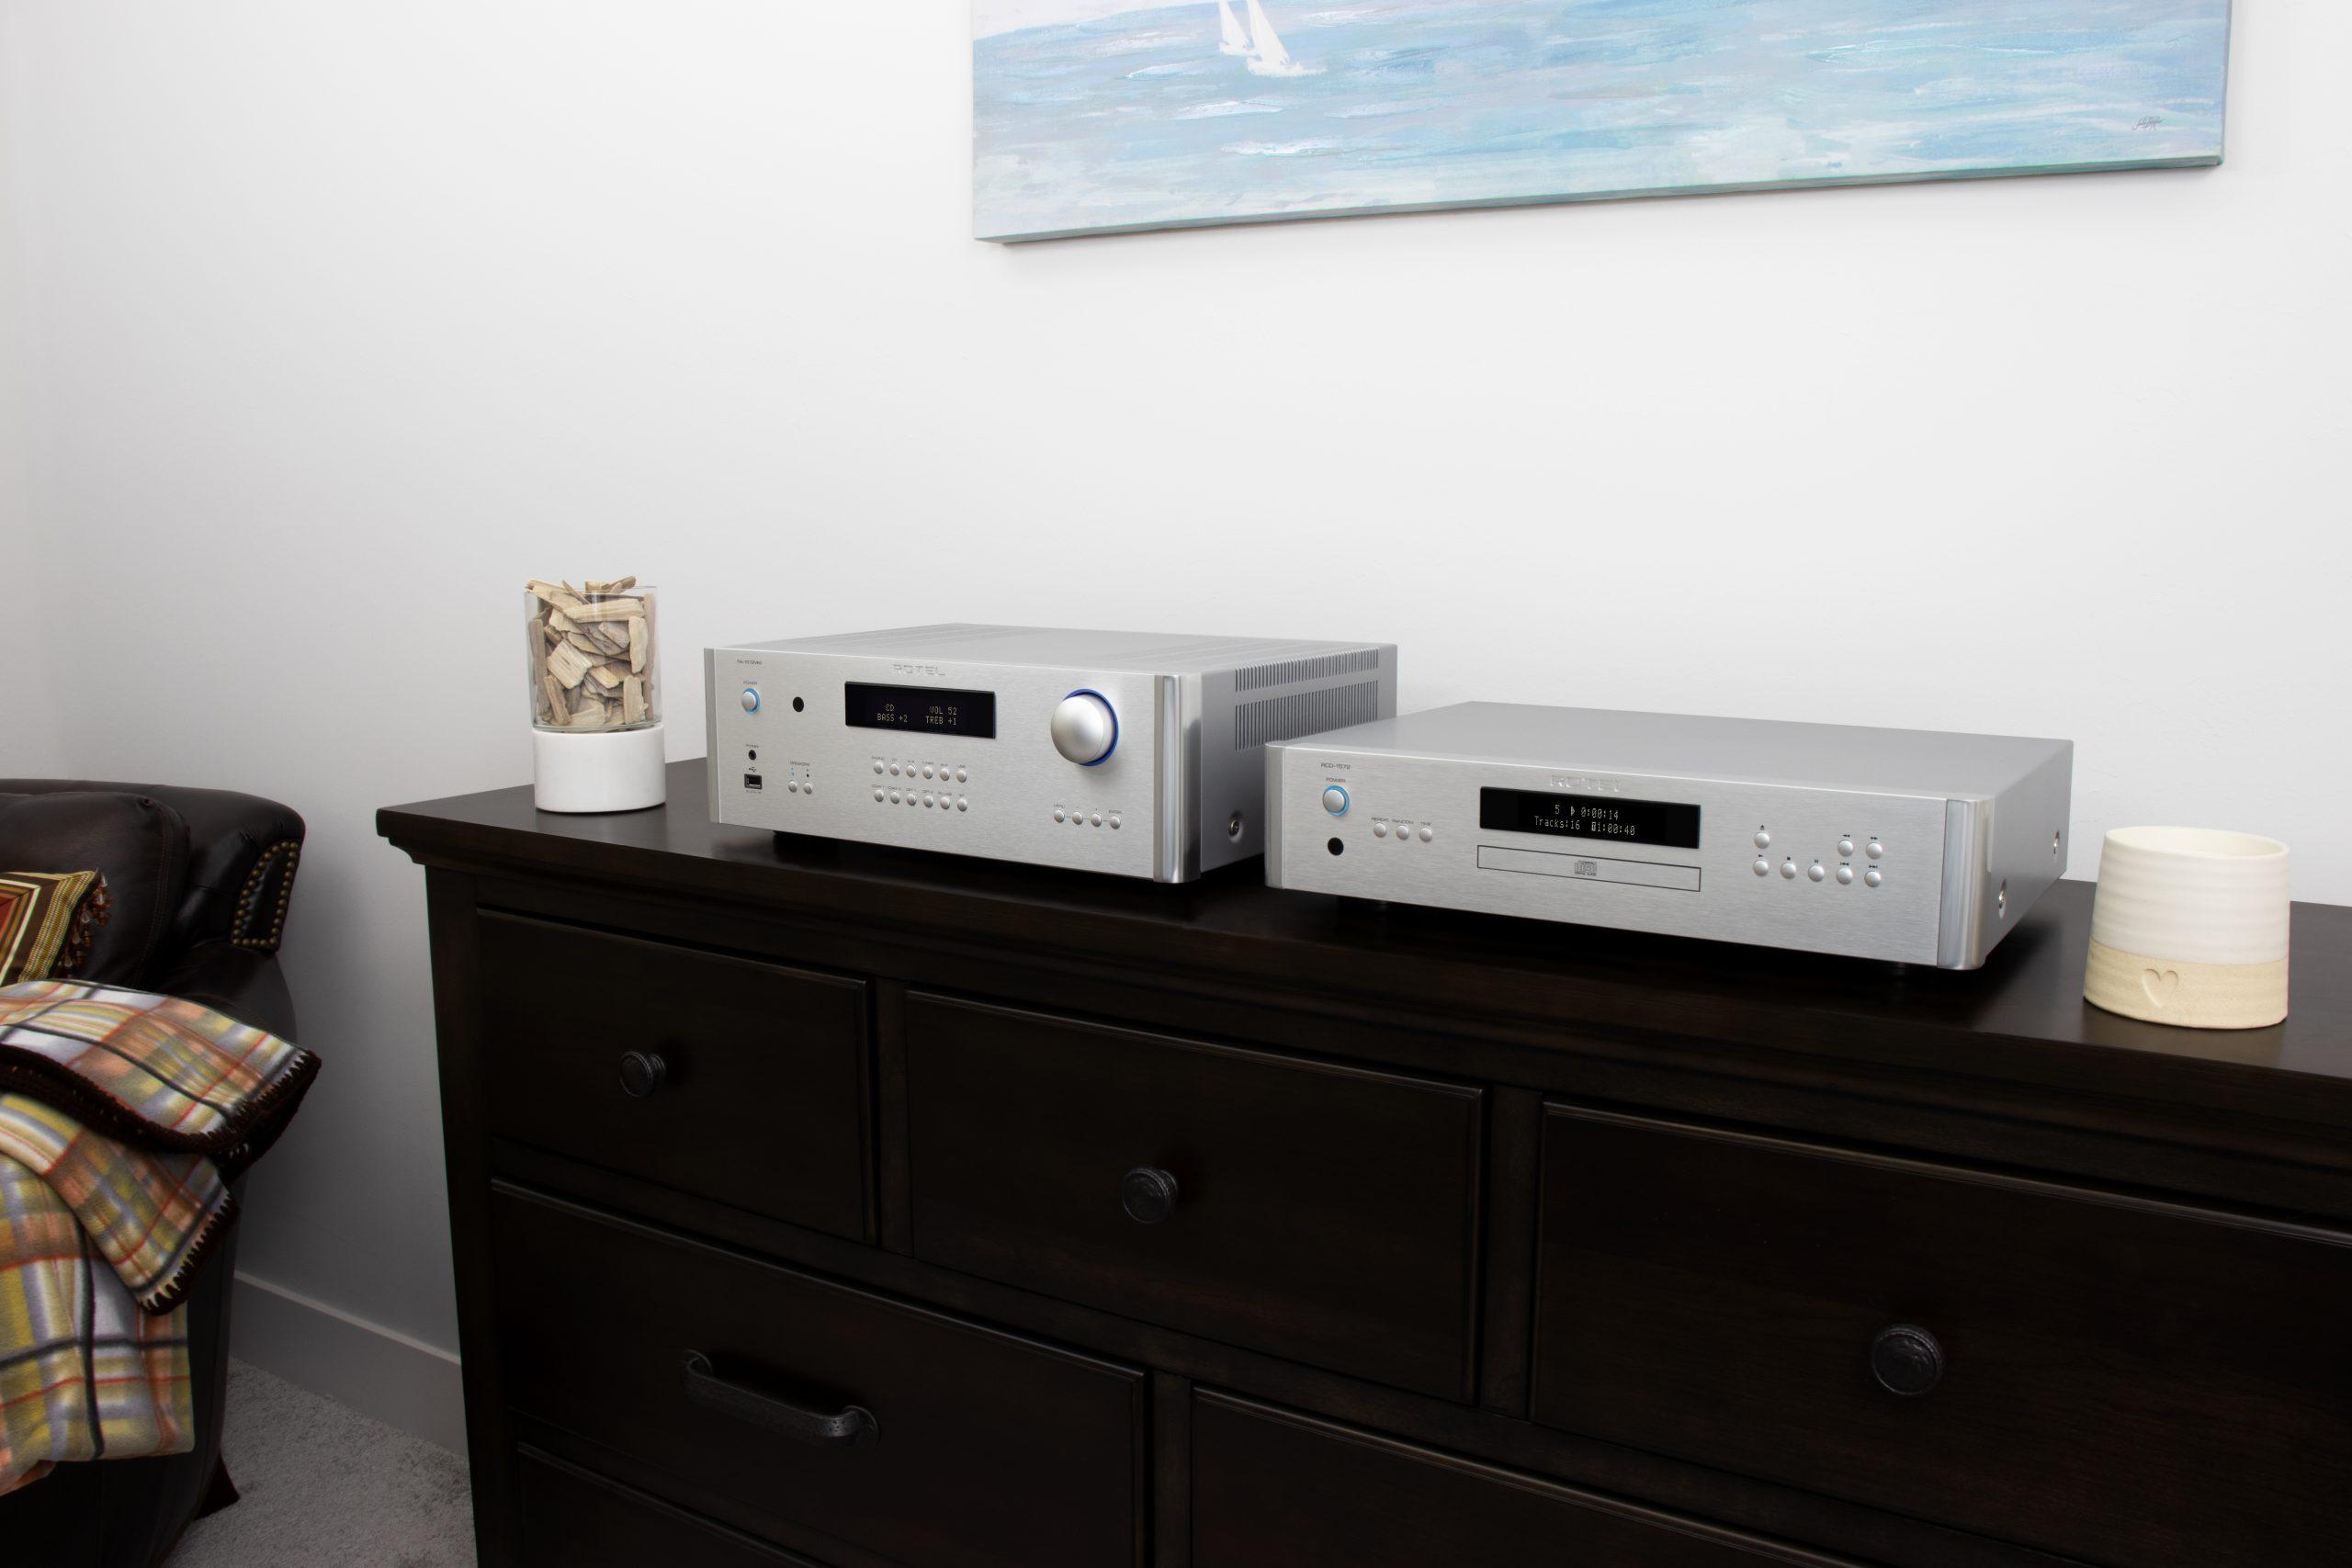 Para quienes disfrutar del HiFi: amplificadores integradores estéreo de Rotel